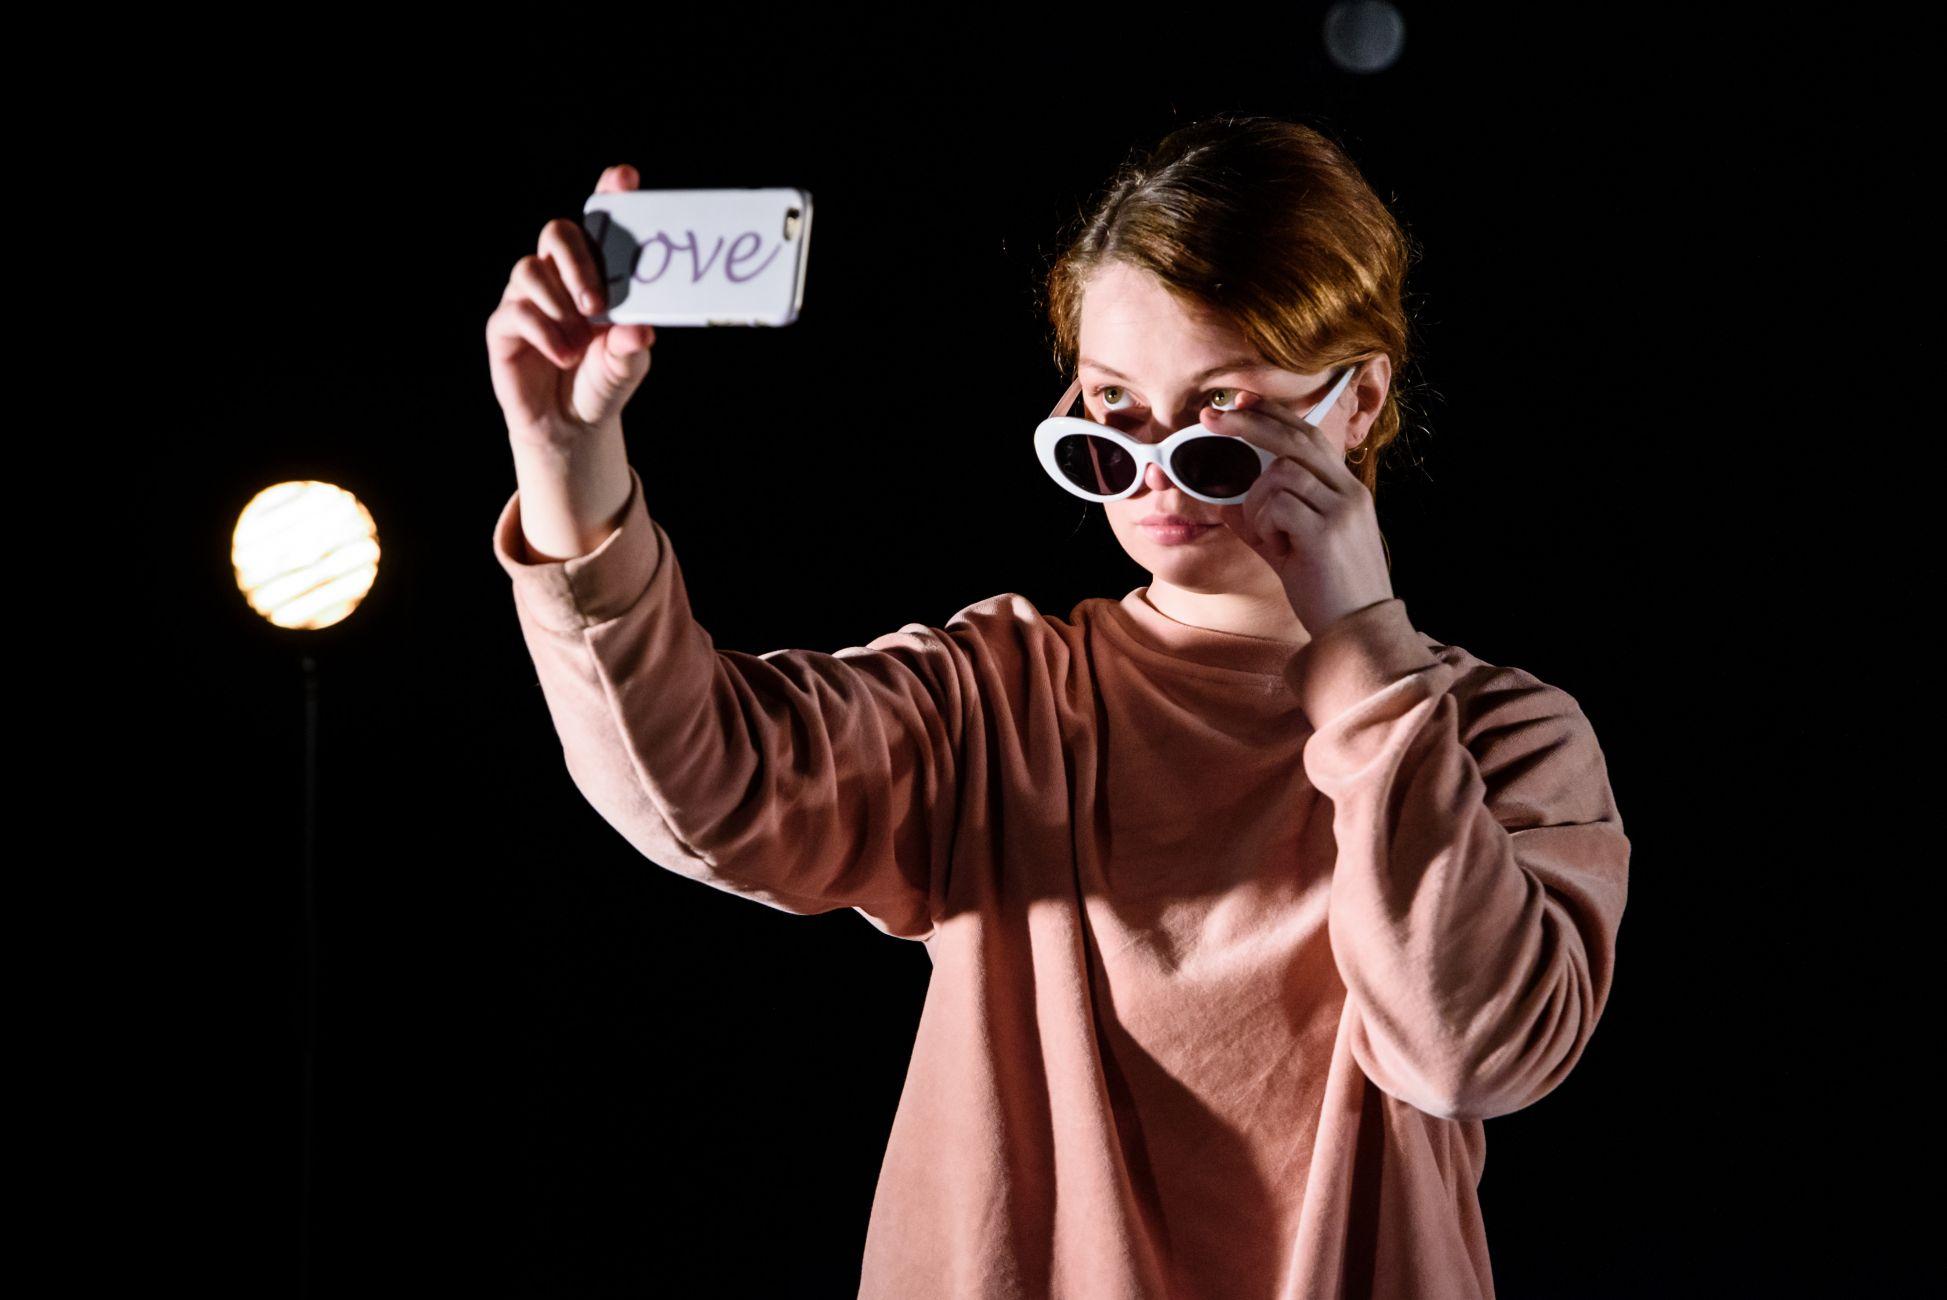 Emma wil leven: Indrukwekkende solo in Stadsgehoorzaal